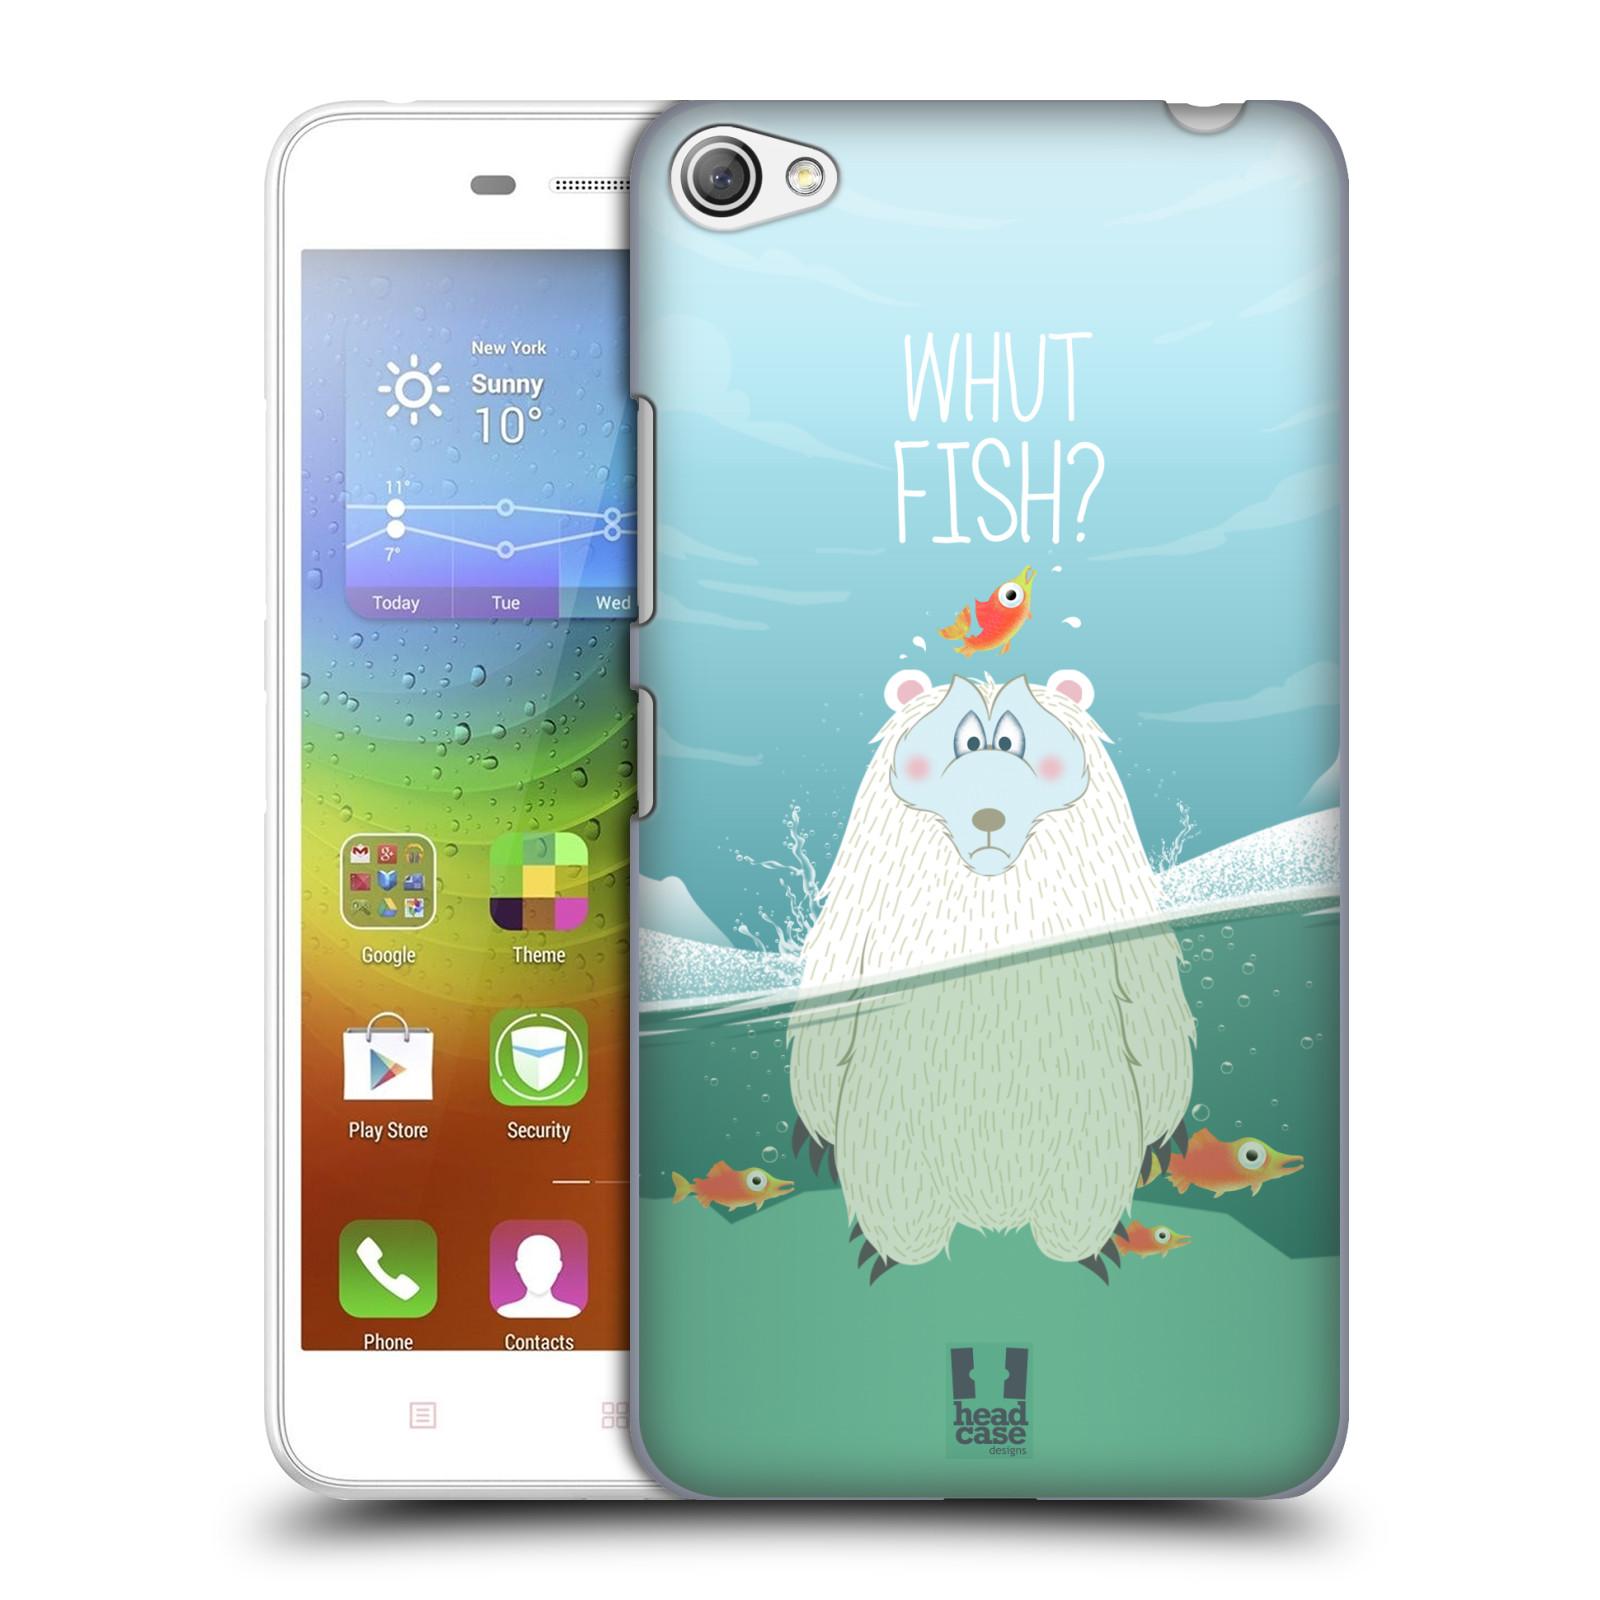 Plastové pouzdro na mobil Lenovo S60 HEAD CASE Medvěd Whut Fish?